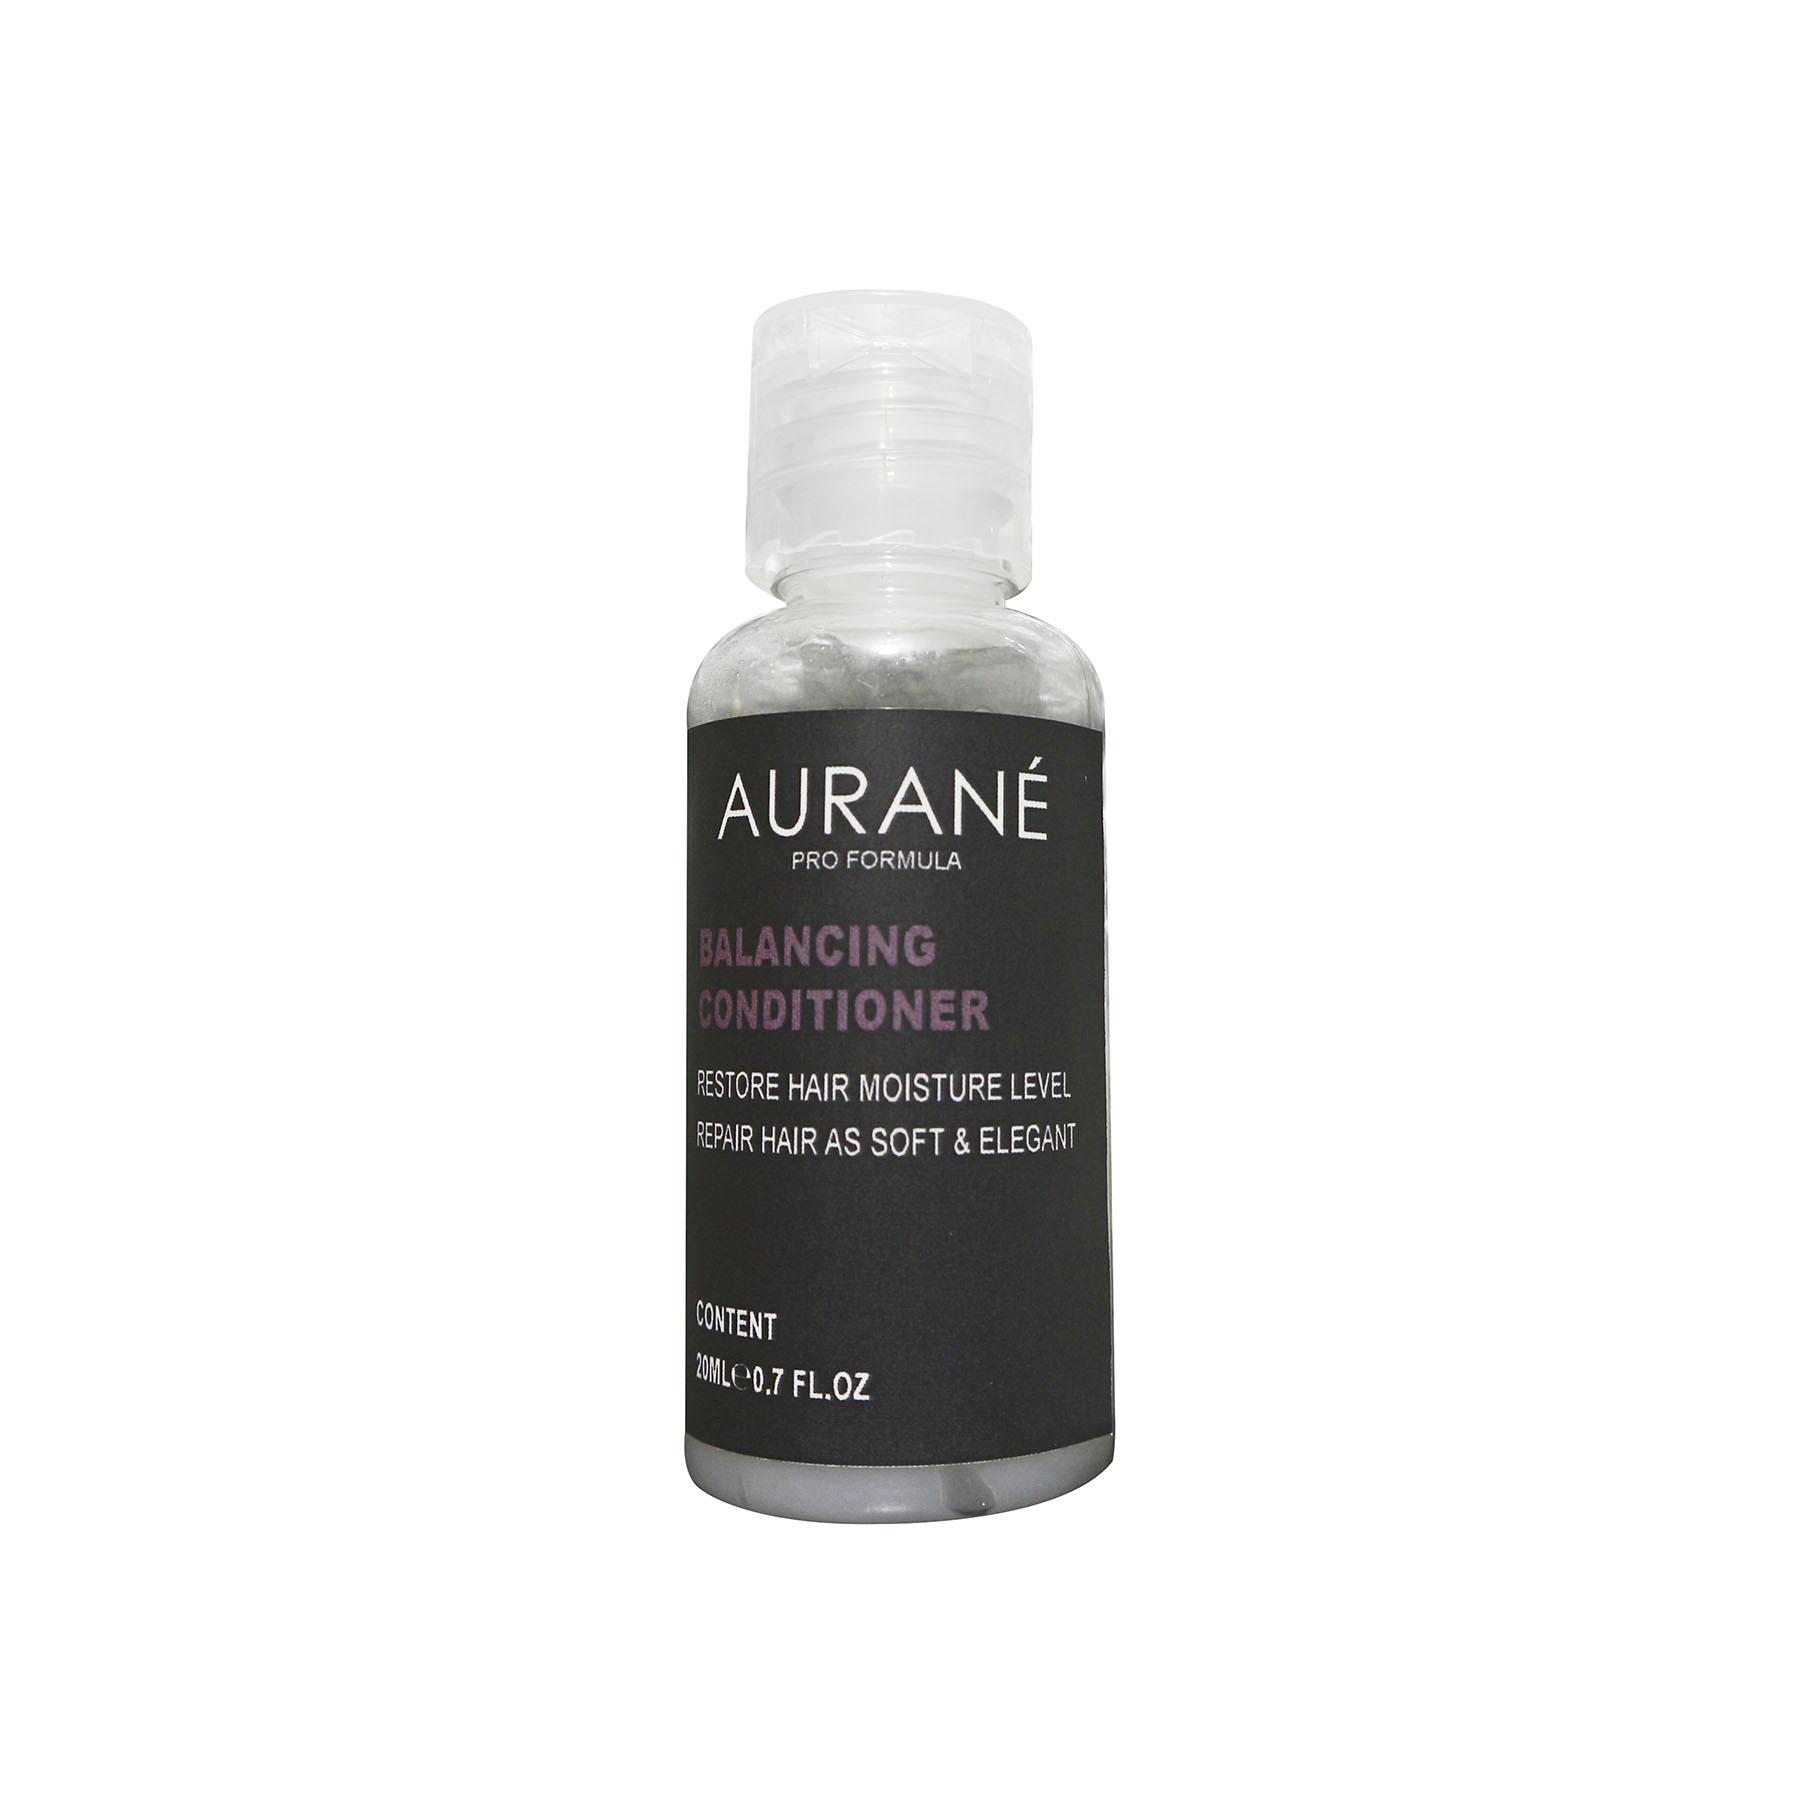 dau-goi-moisture-repair-dau-xa-balancing-aurane-30ml-03